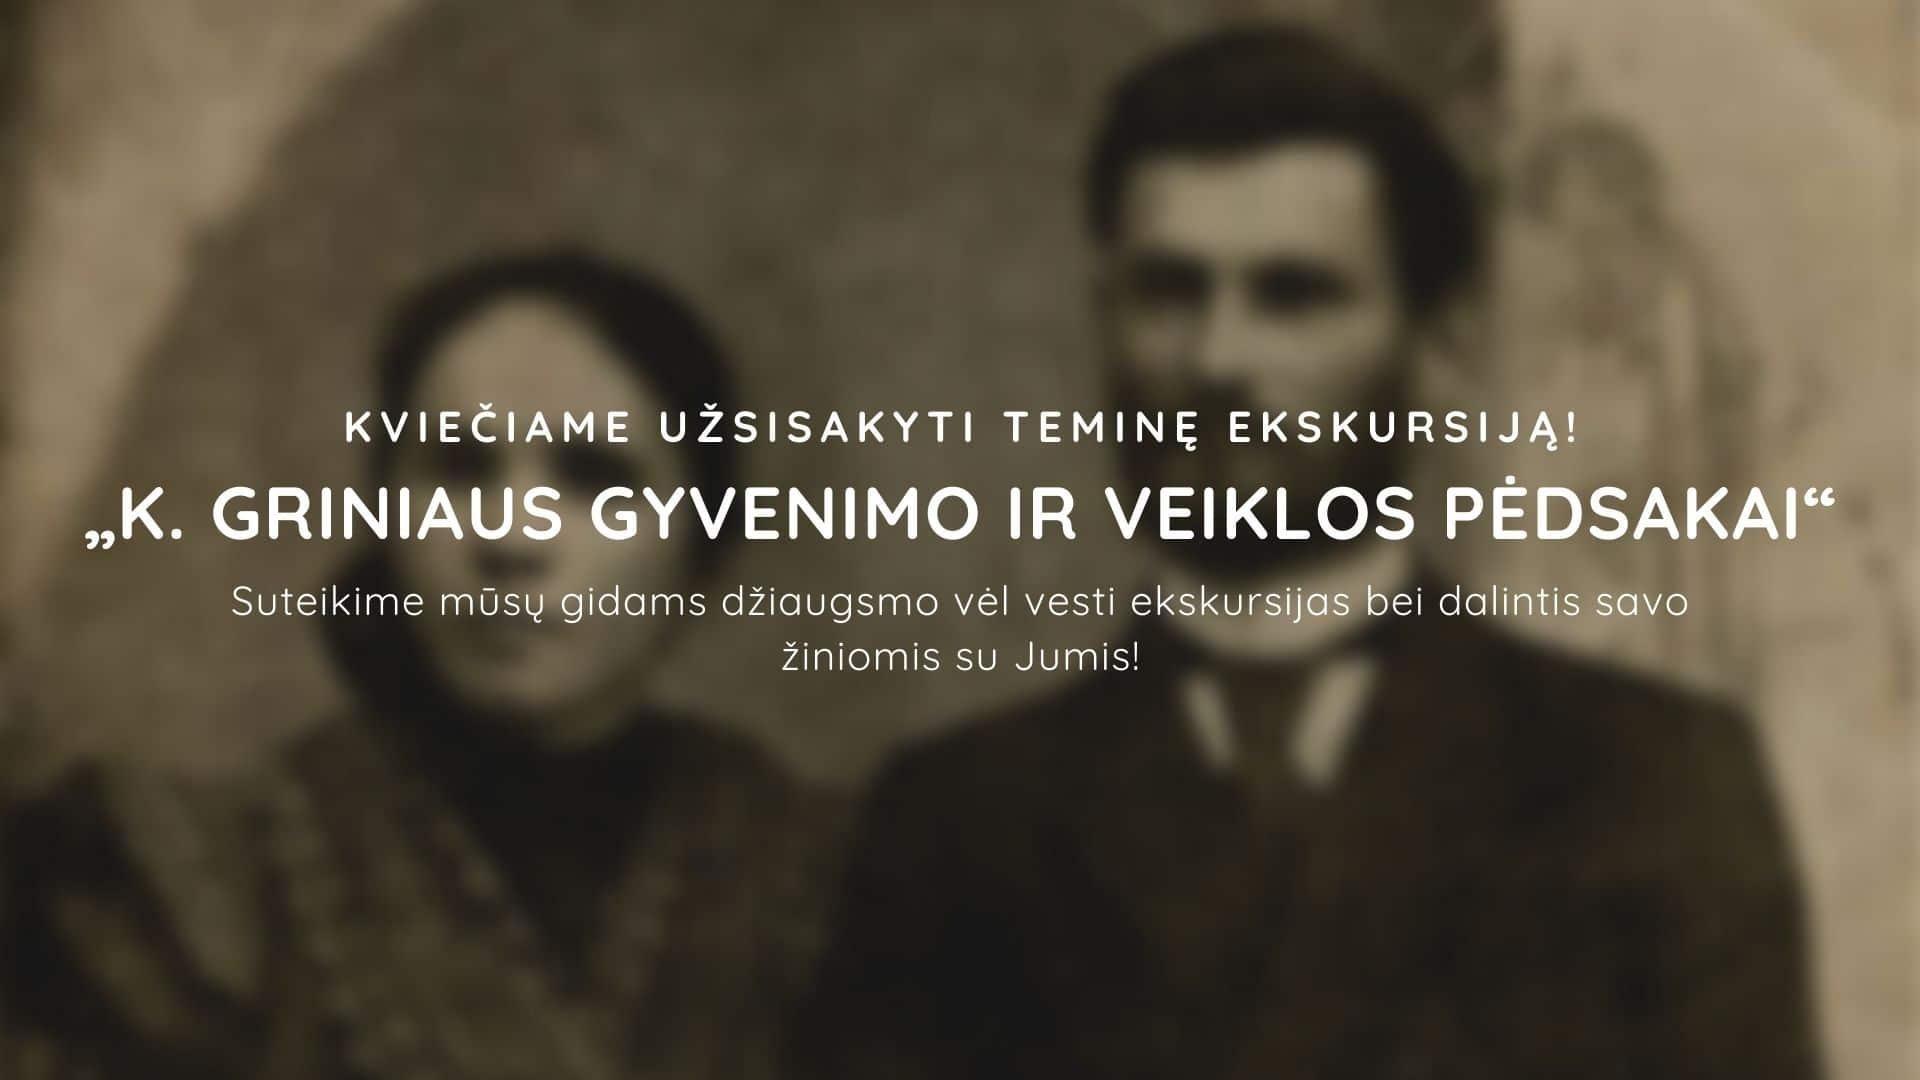 """You are currently viewing Teminė ekskursija """"Lietuvos Prezidento K. Griniaus gyvenimo ir veiklos pėdsakai Marijampolėje"""""""